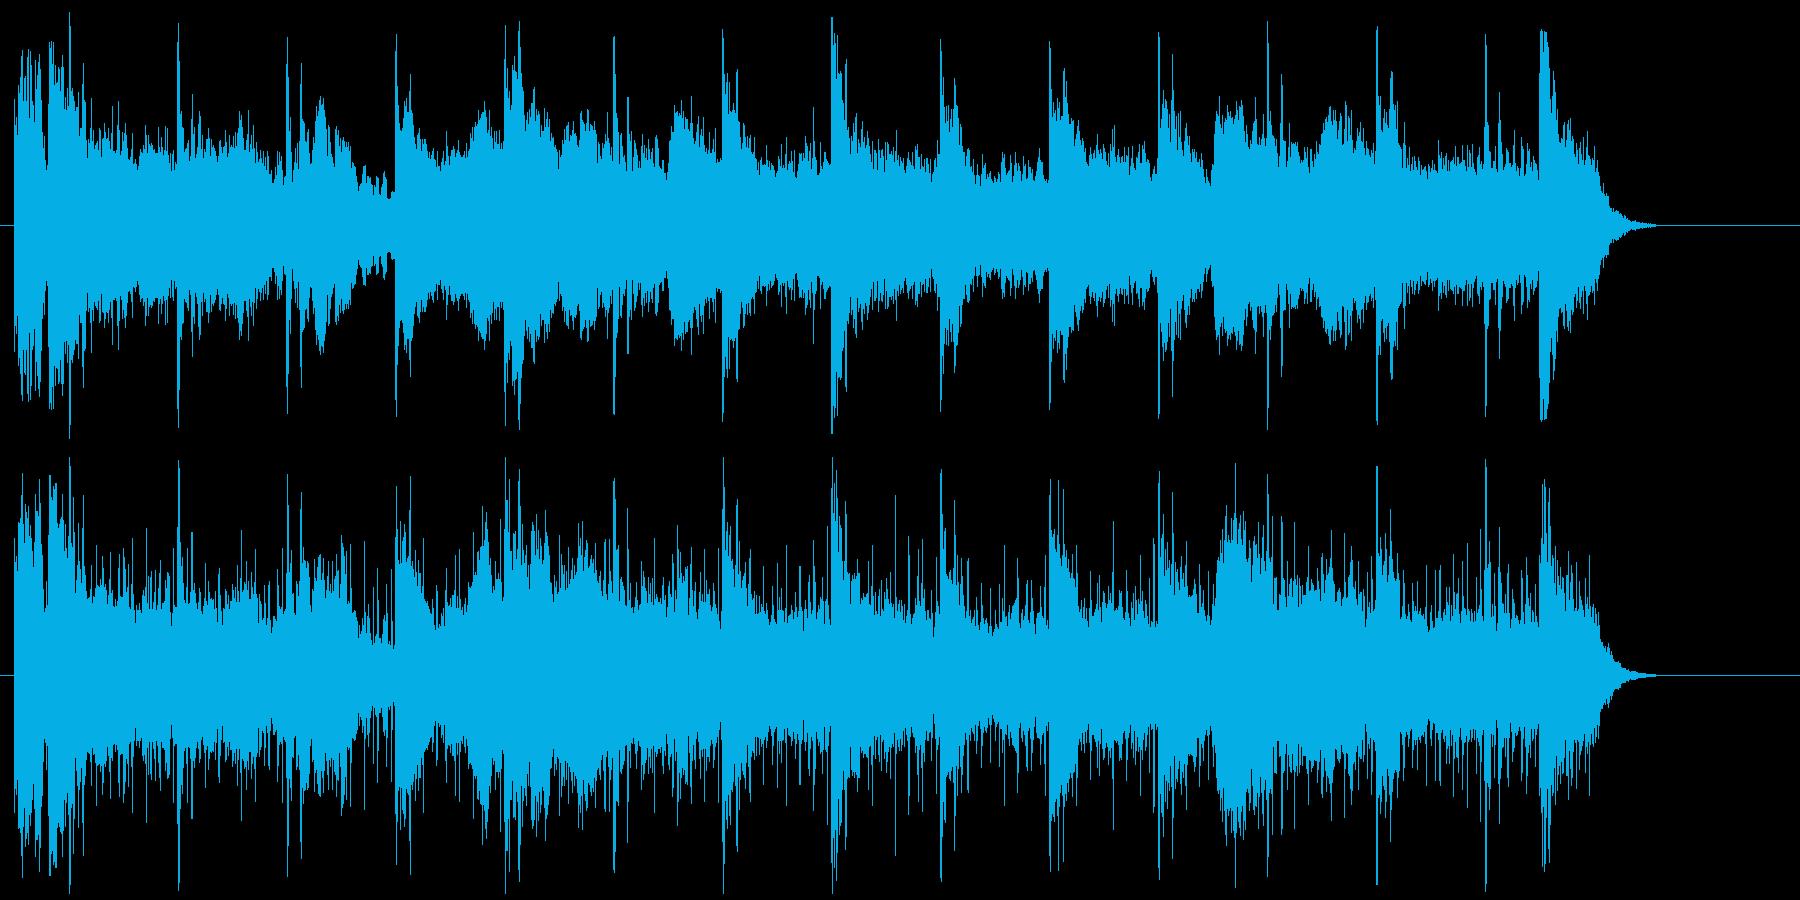 サスペンス 恐怖 闇 悲惨 重苦しい 謎の再生済みの波形